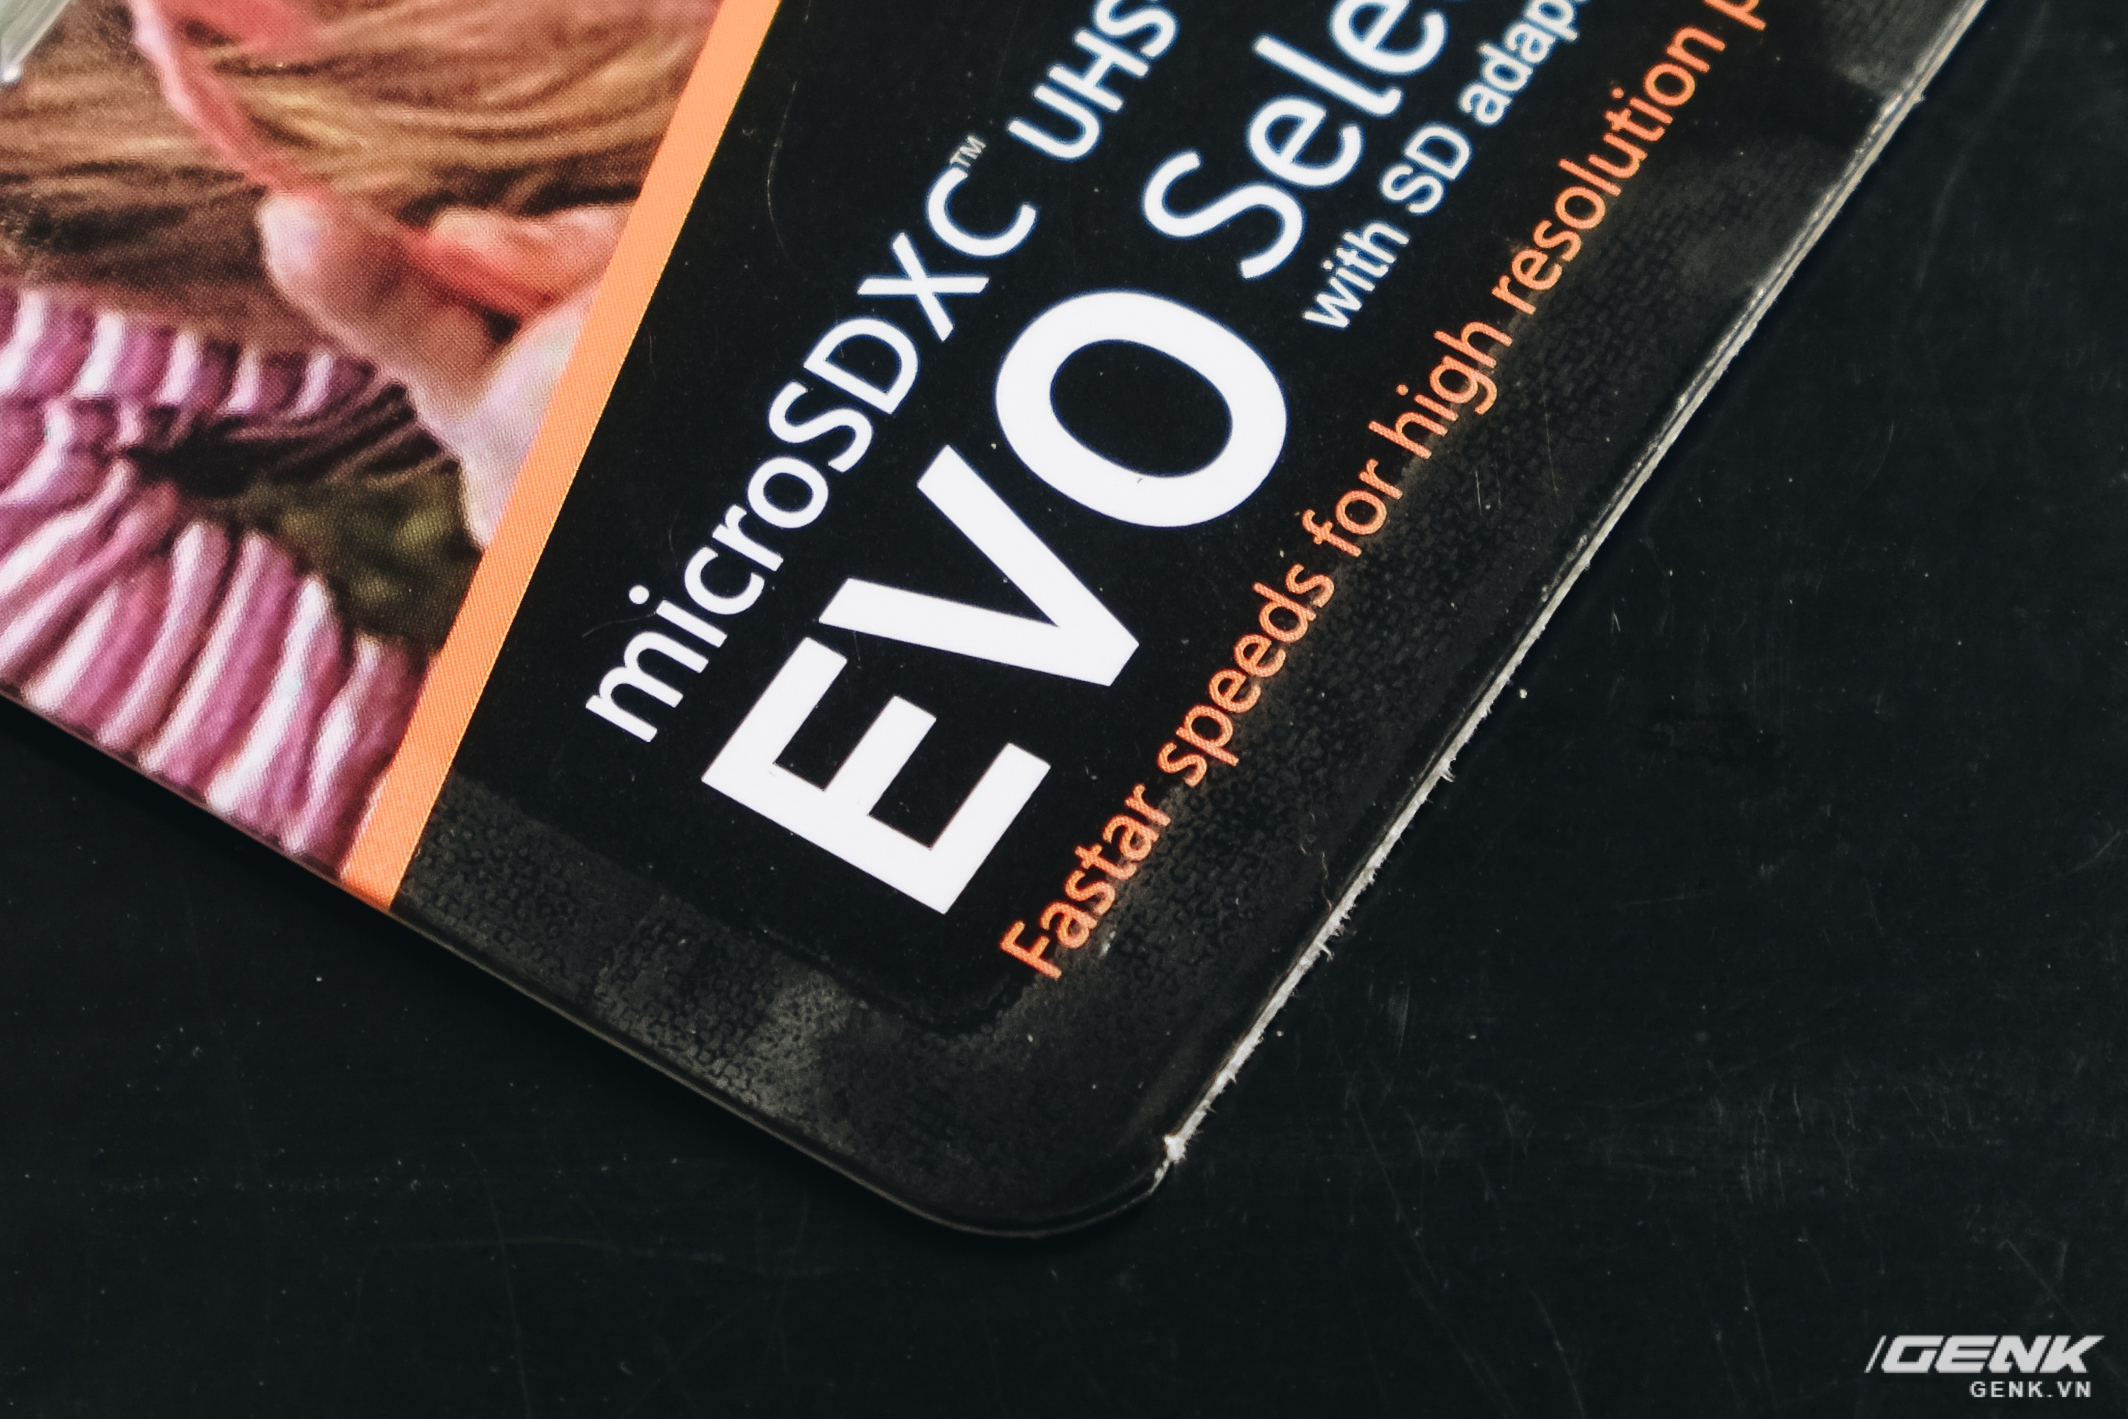 Thẻ nhớ nhái tràn ngập Shopee: 1TB chỉ 100.000 đồng, vẫn được nhiều người đánh giá 5* - Ảnh 6.